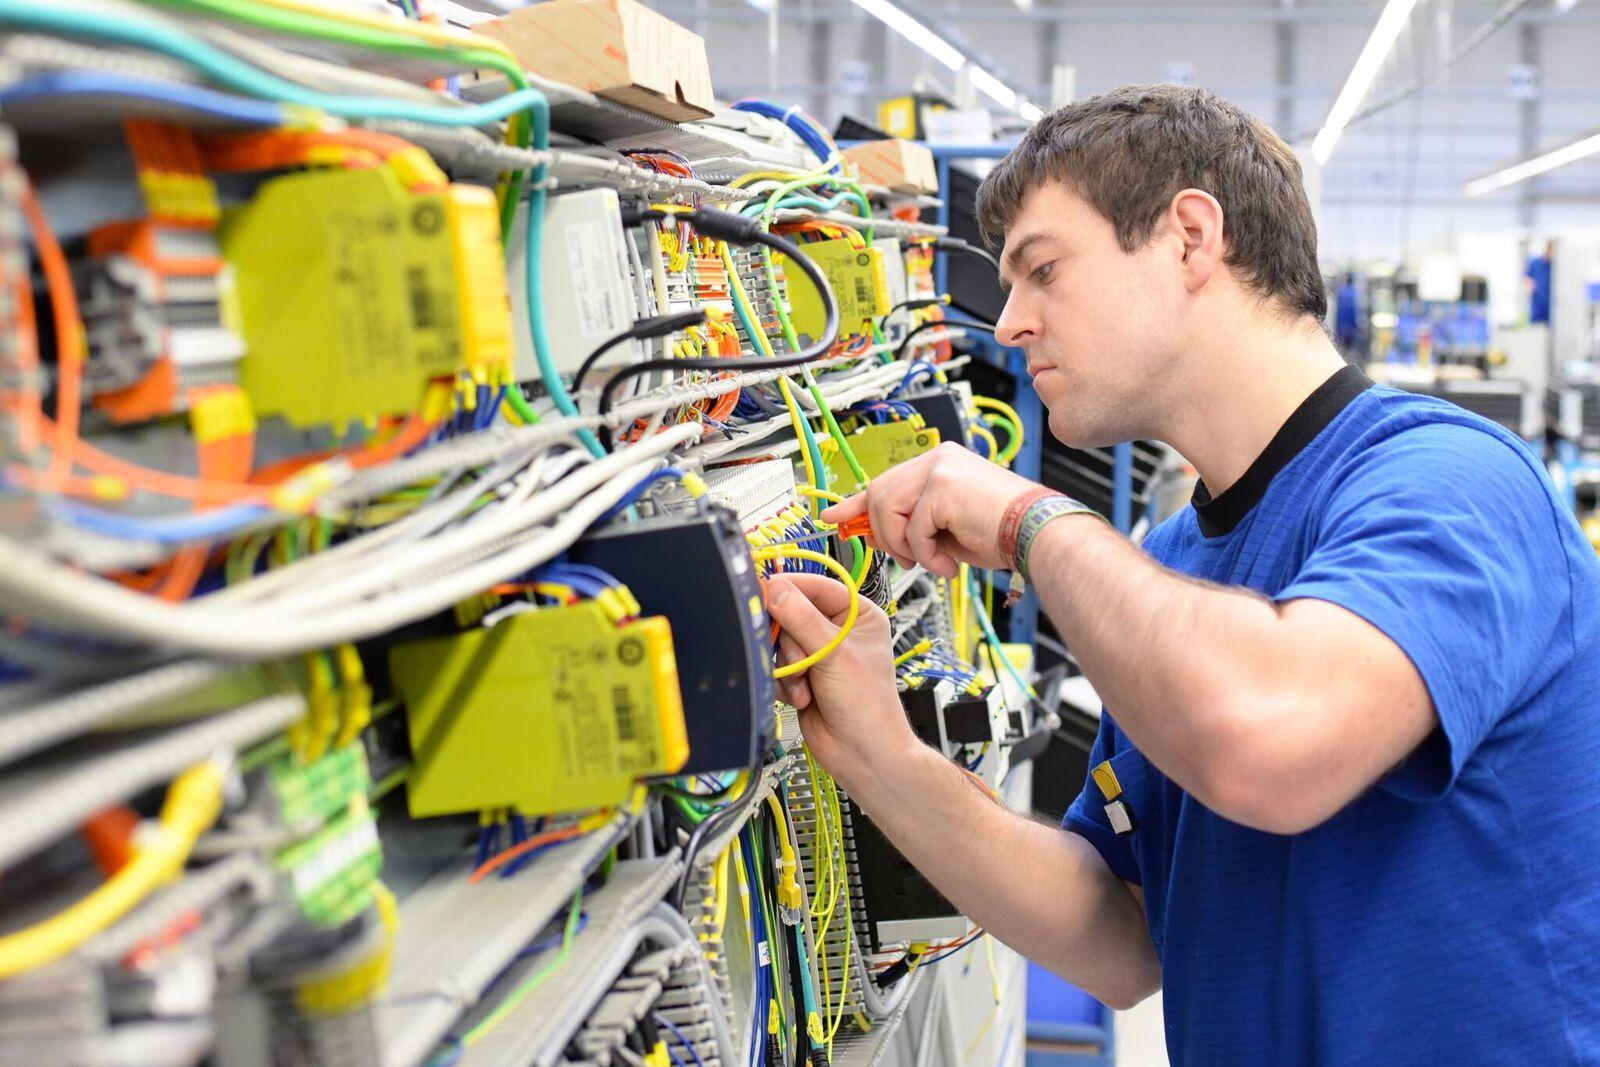 inpraxi | Elektriker / Programmierer (m/w) Wallenhorst